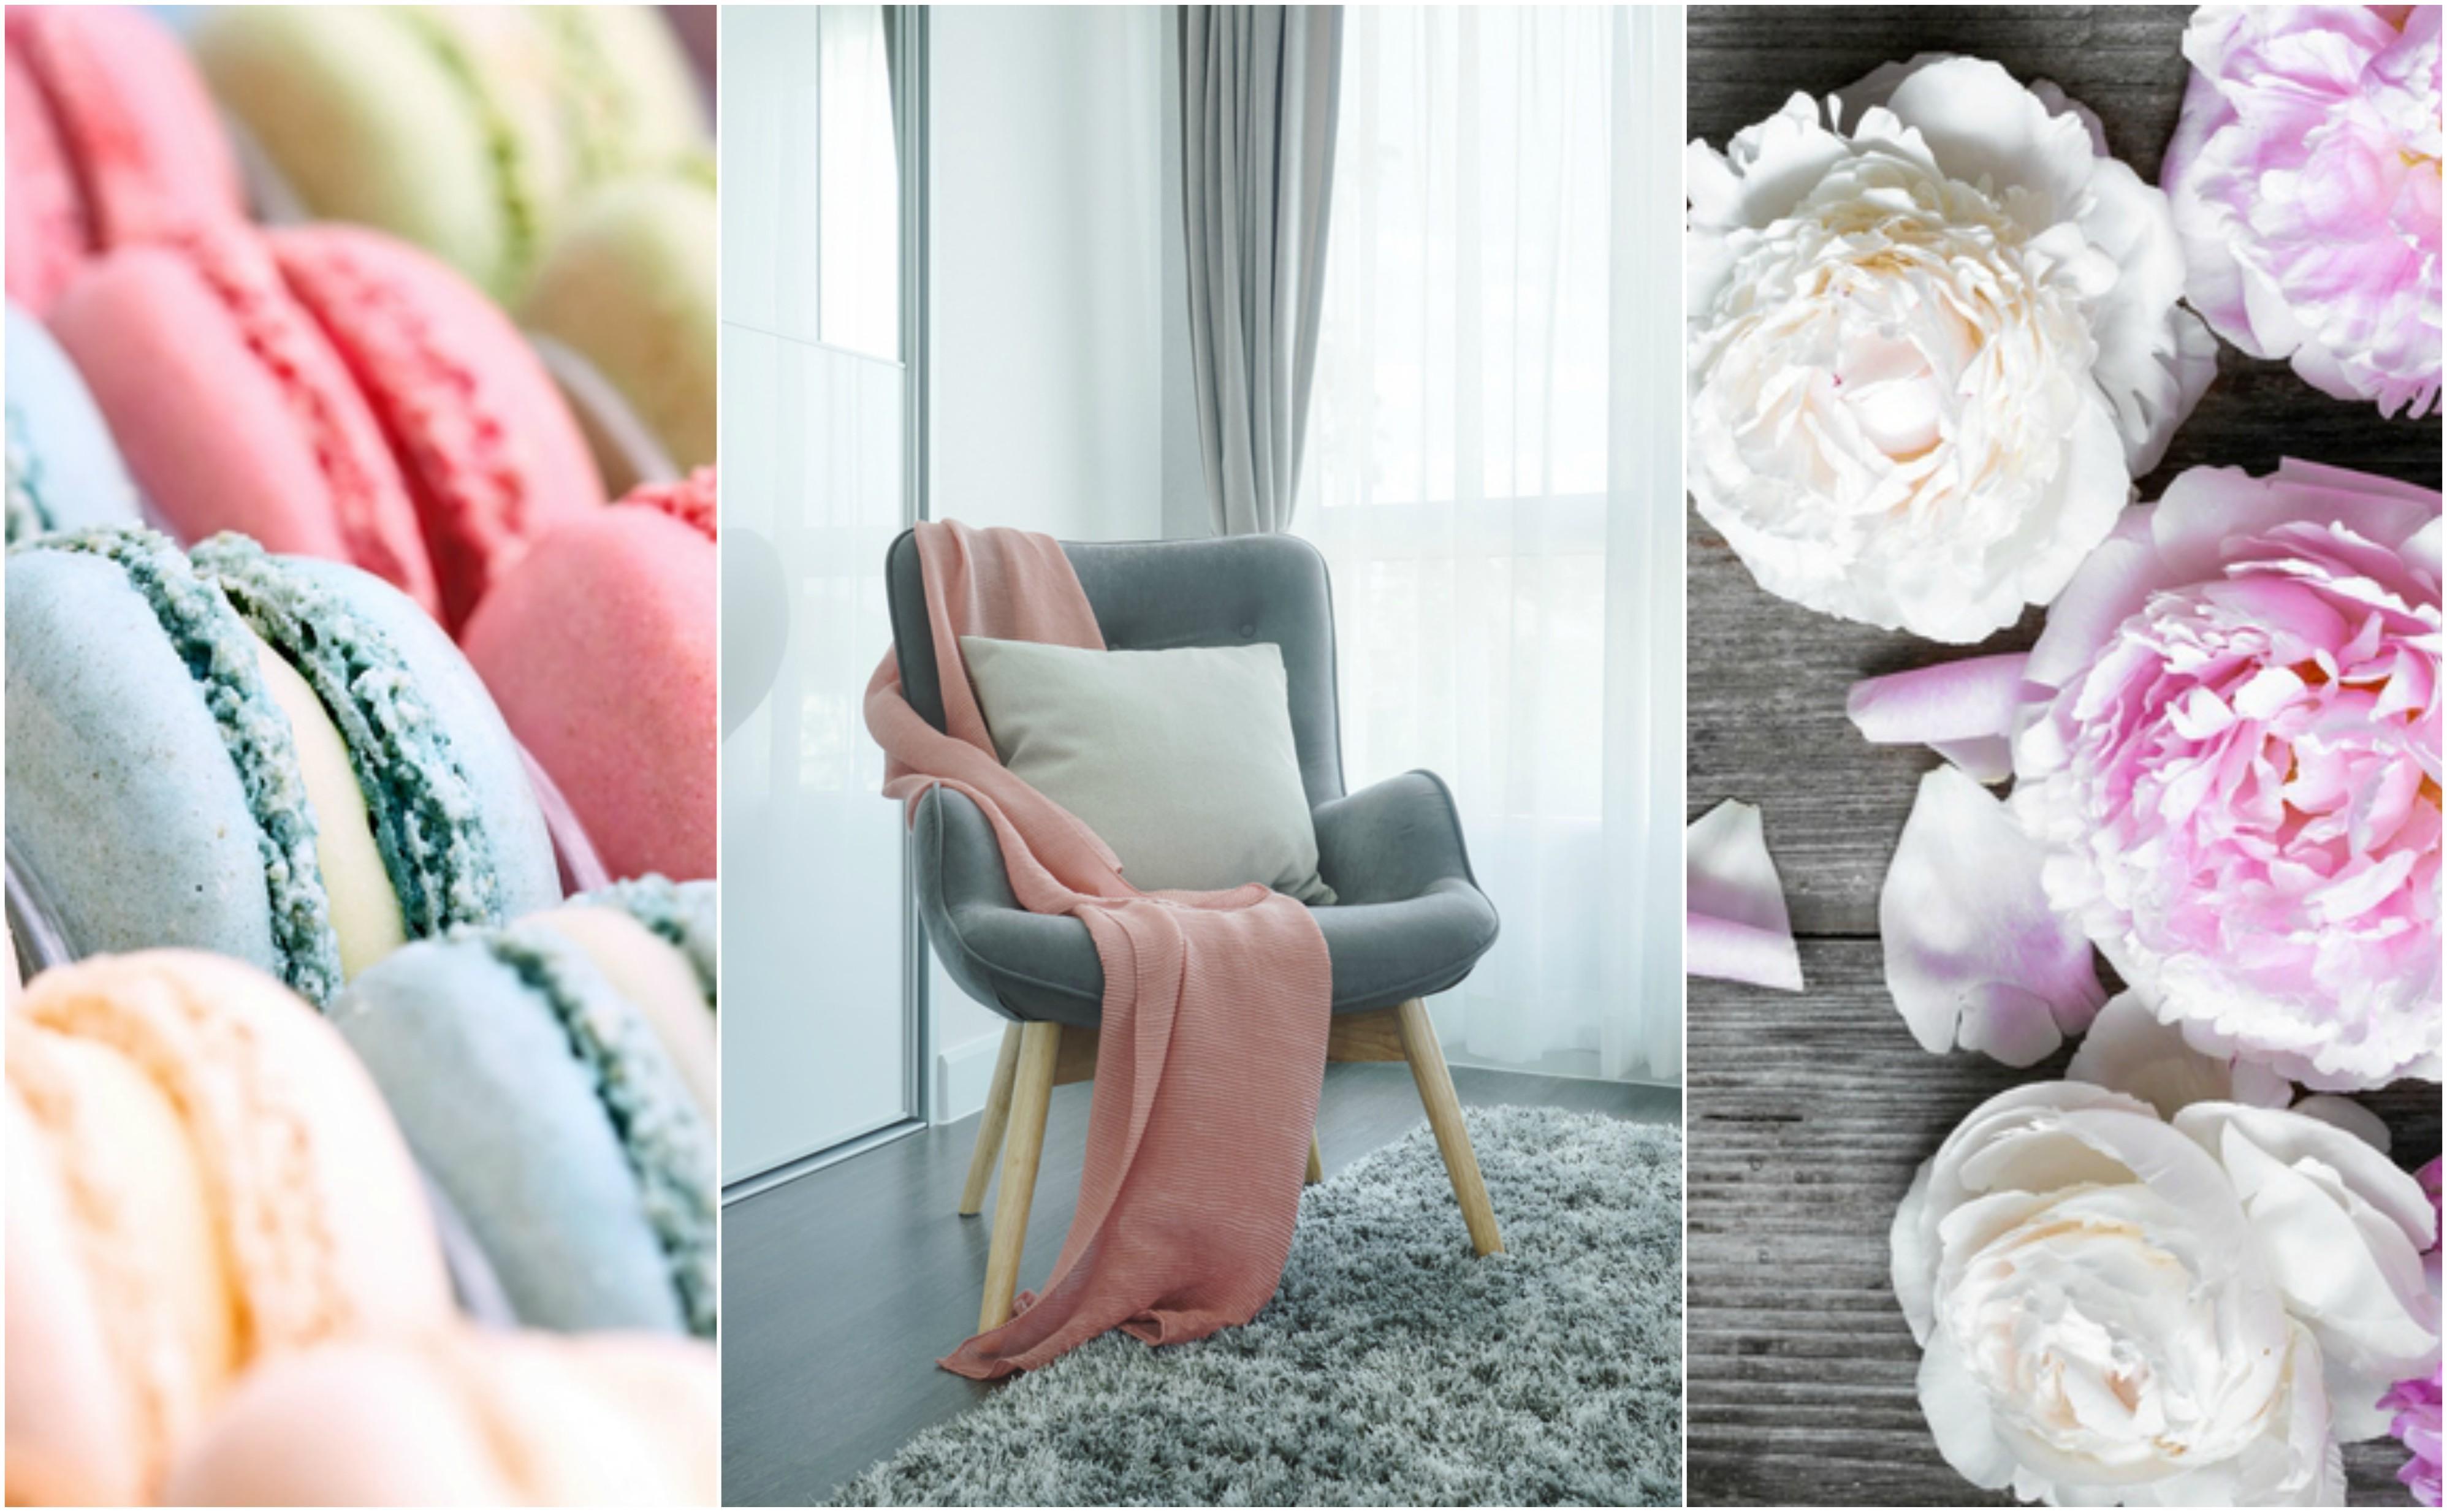 Colori pastello per la camera da letto romantica e moderna tgcom24 - I colori per la camera da letto ...